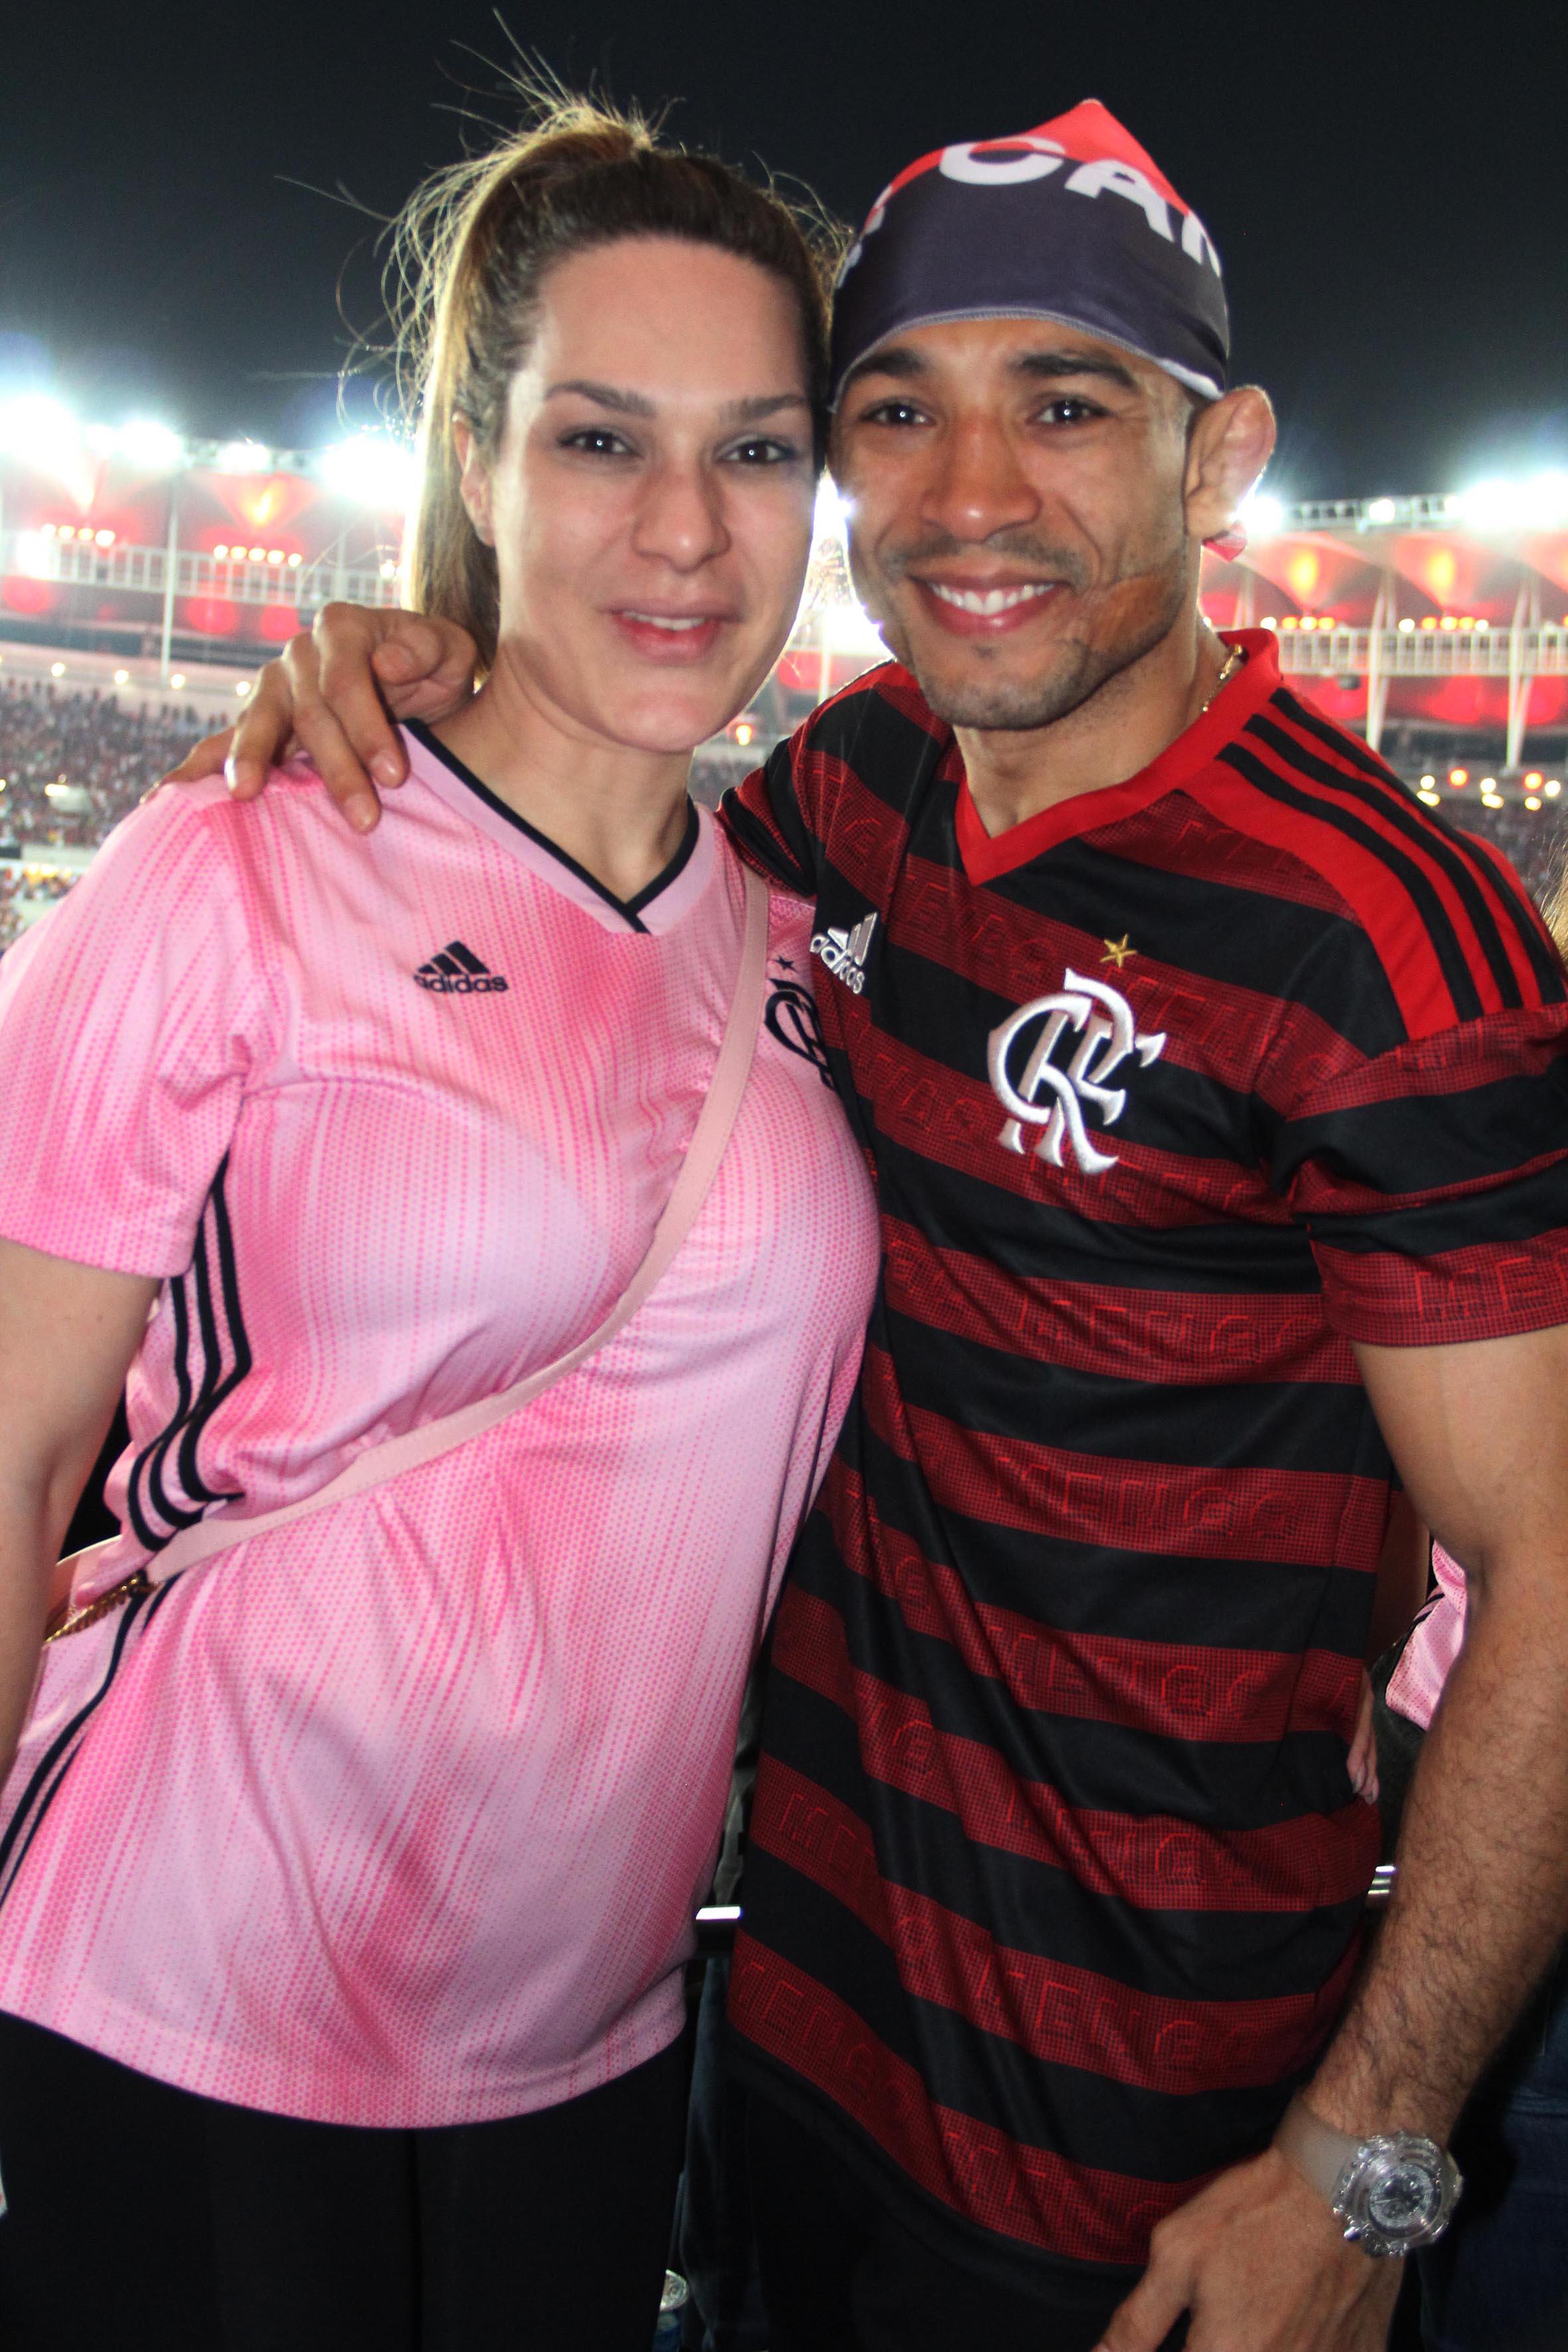 O lutador José Aldo, flamenguista fanático, também esteve presente ao lado da mulher, Viviane Pereira /Foto: Paulo de Deus